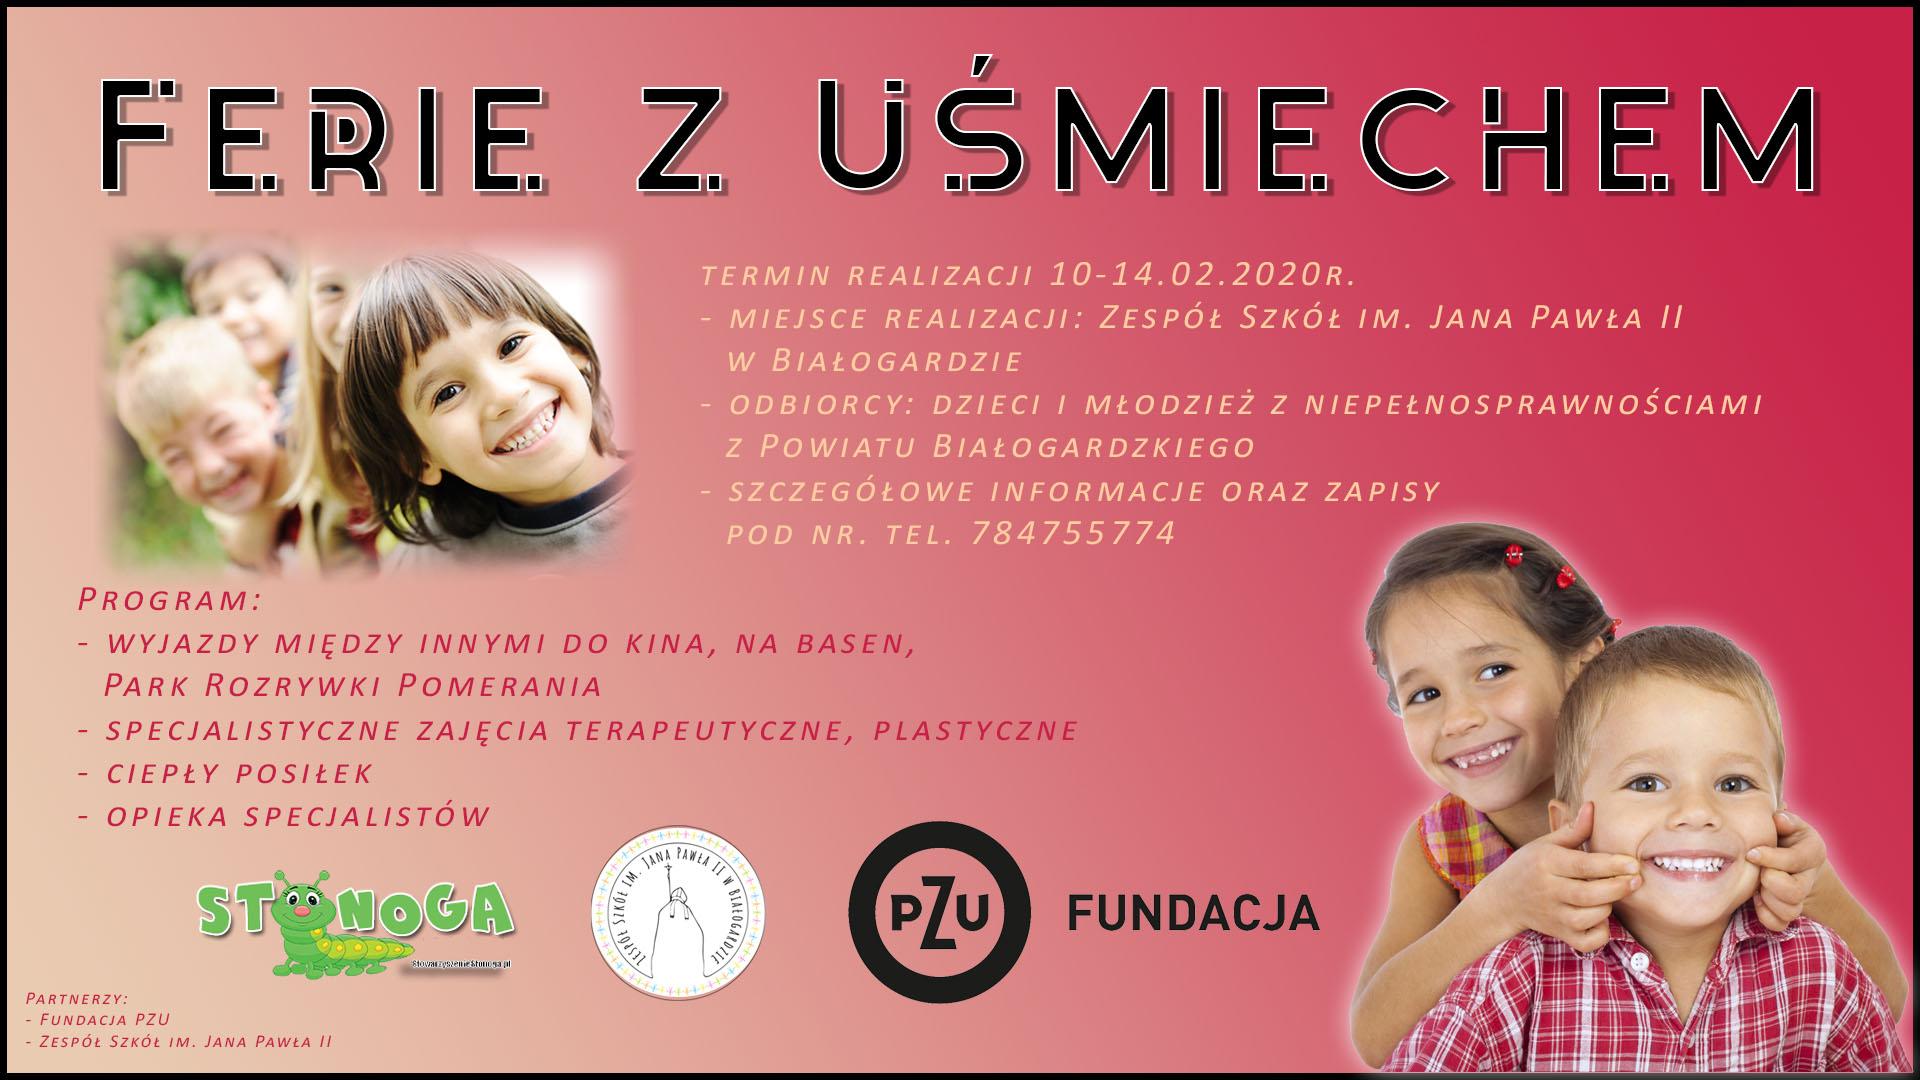 Plakat zapraszający dzieci niepełnosprawne do udziału wwarsztatach